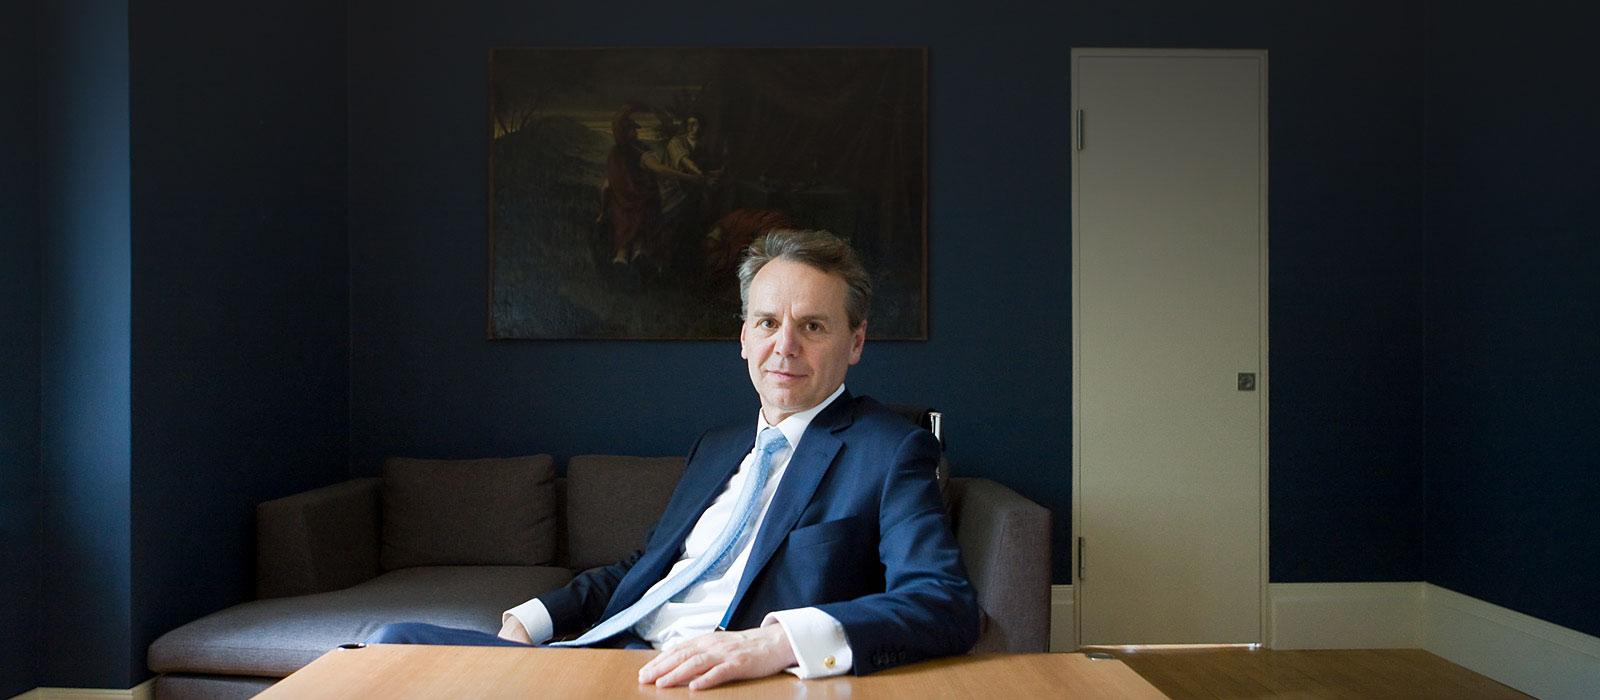 Rechtsanwalt C. J. Partsch